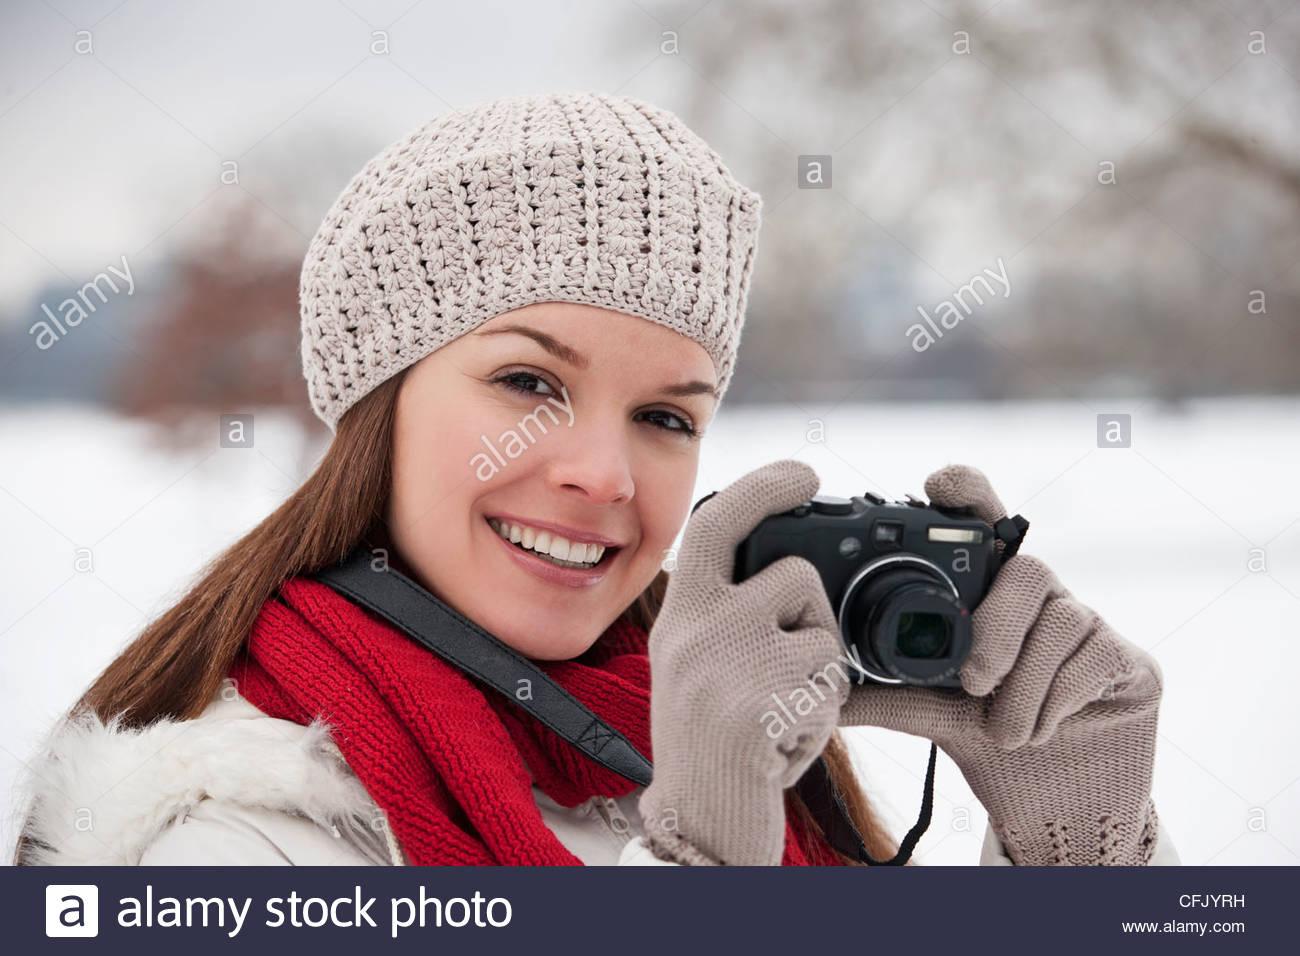 Une jeune femme debout dans la neige, de prendre une photo Photo Stock